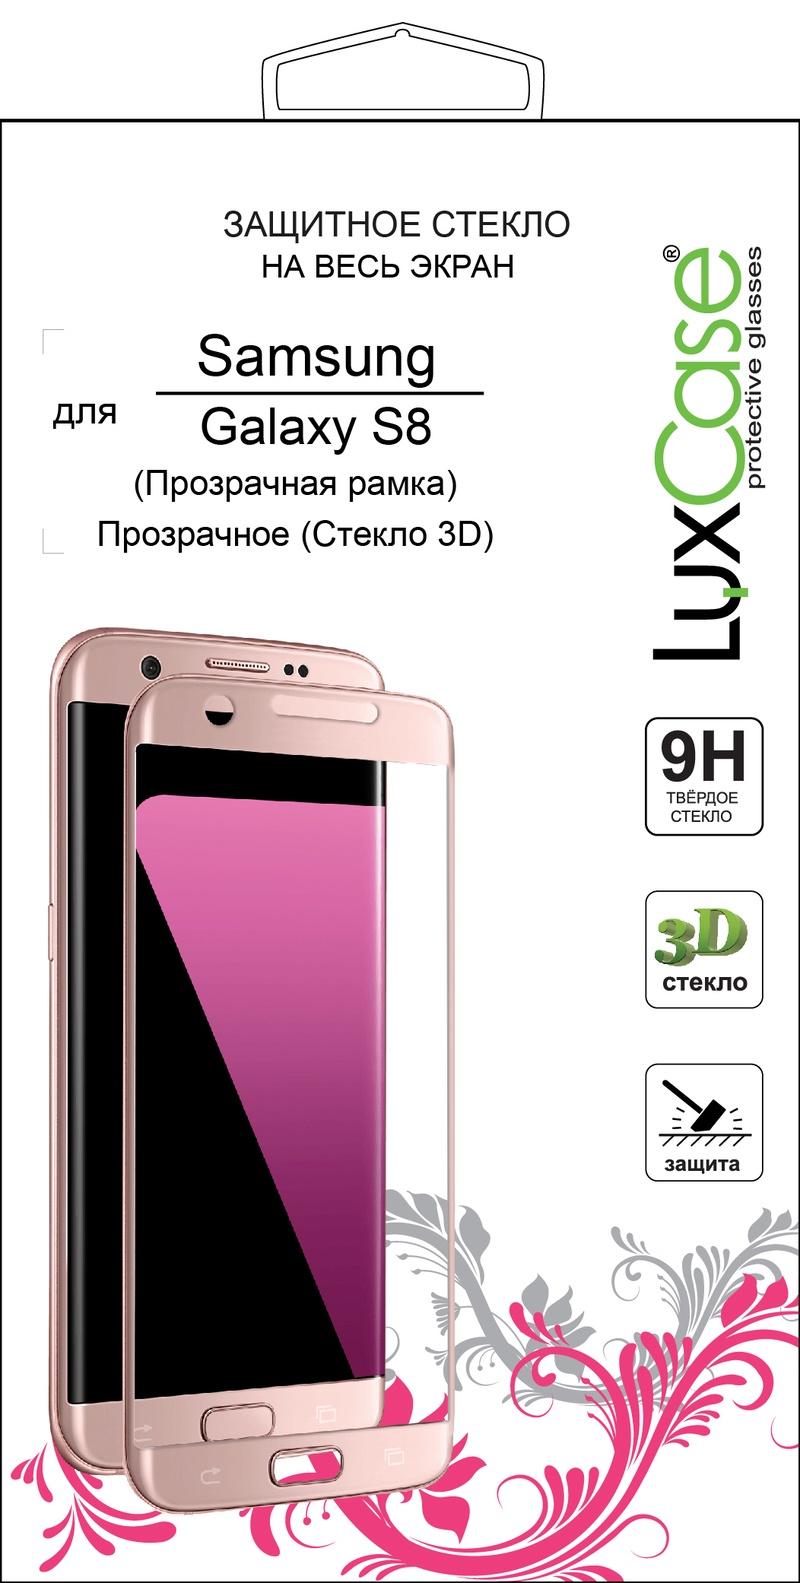 Защитное стекло Samsung Galaxy S8 / 3D Прозрачное / защитное стекло smartbuy sbtg 3d0013 для samsung galaxy s8 3d 0 33 мм полное покрытие экрана с рамкой черный